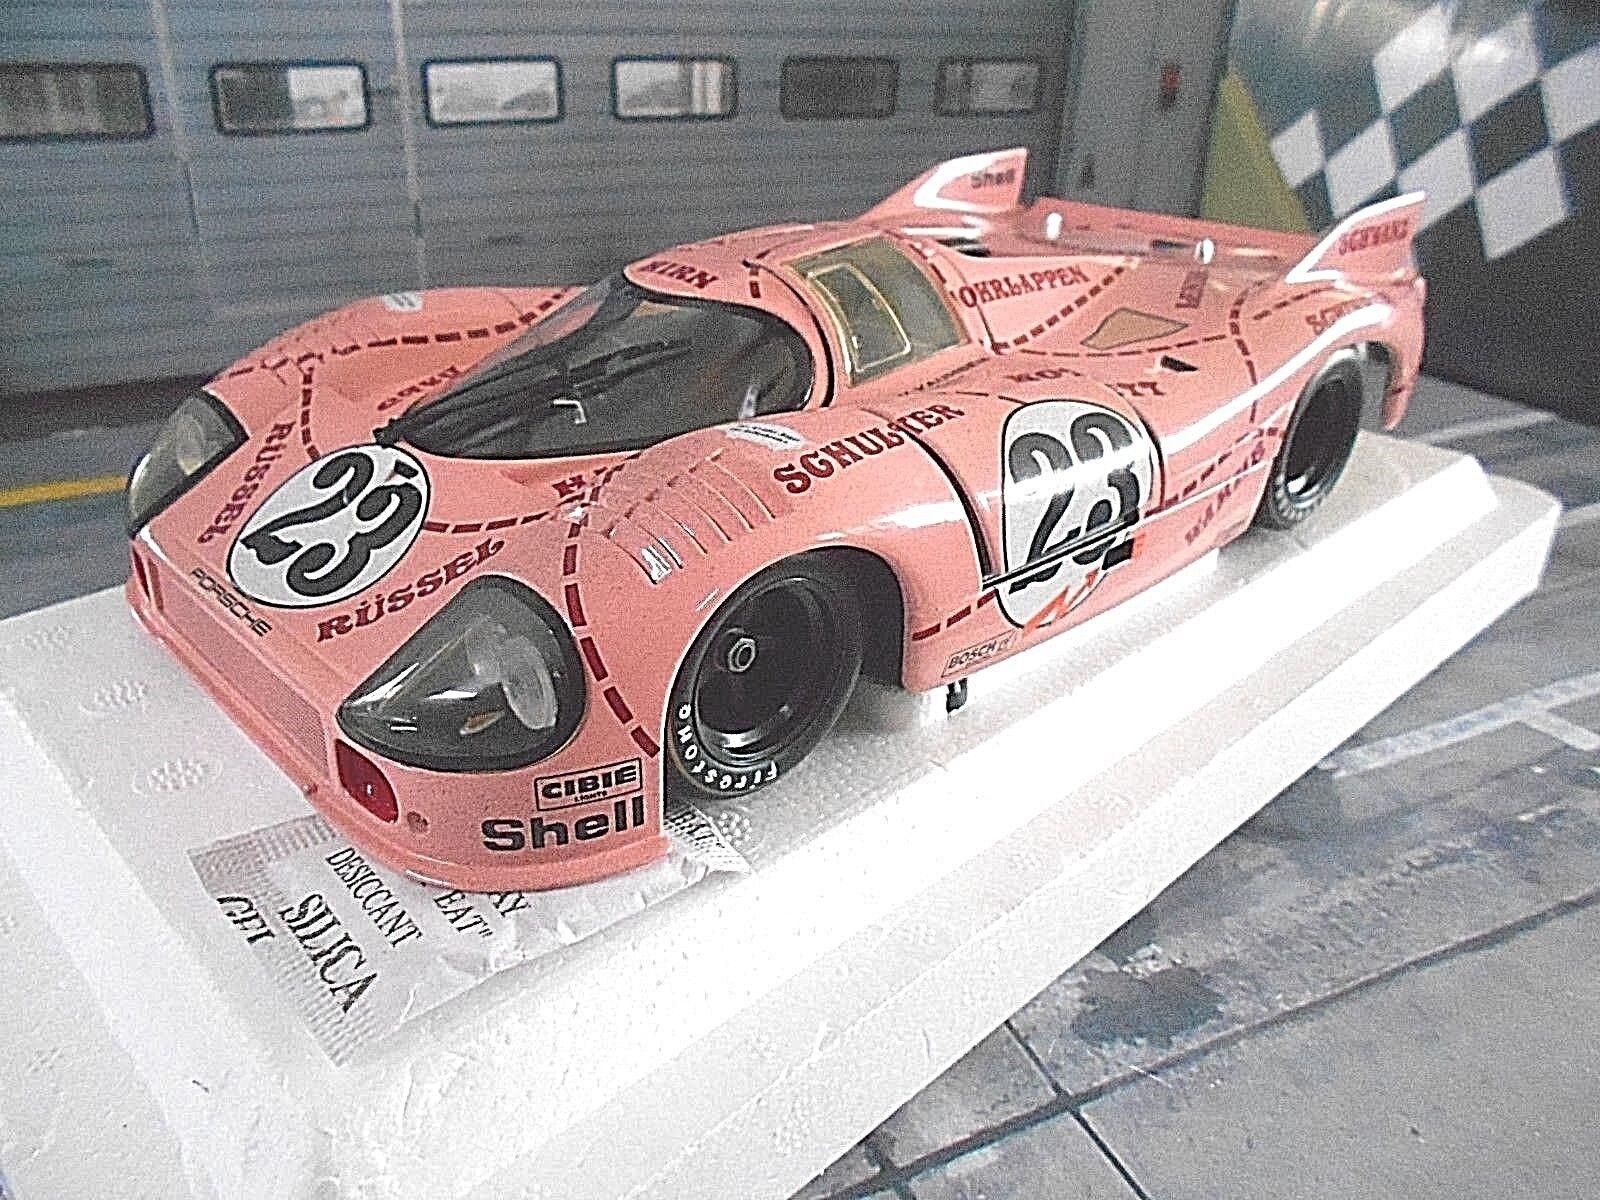 PORSCHE 917 20 917 rosa PIG Le Mans  23 Kauhsen Joest 1971 Dirty Minichamps 1 18